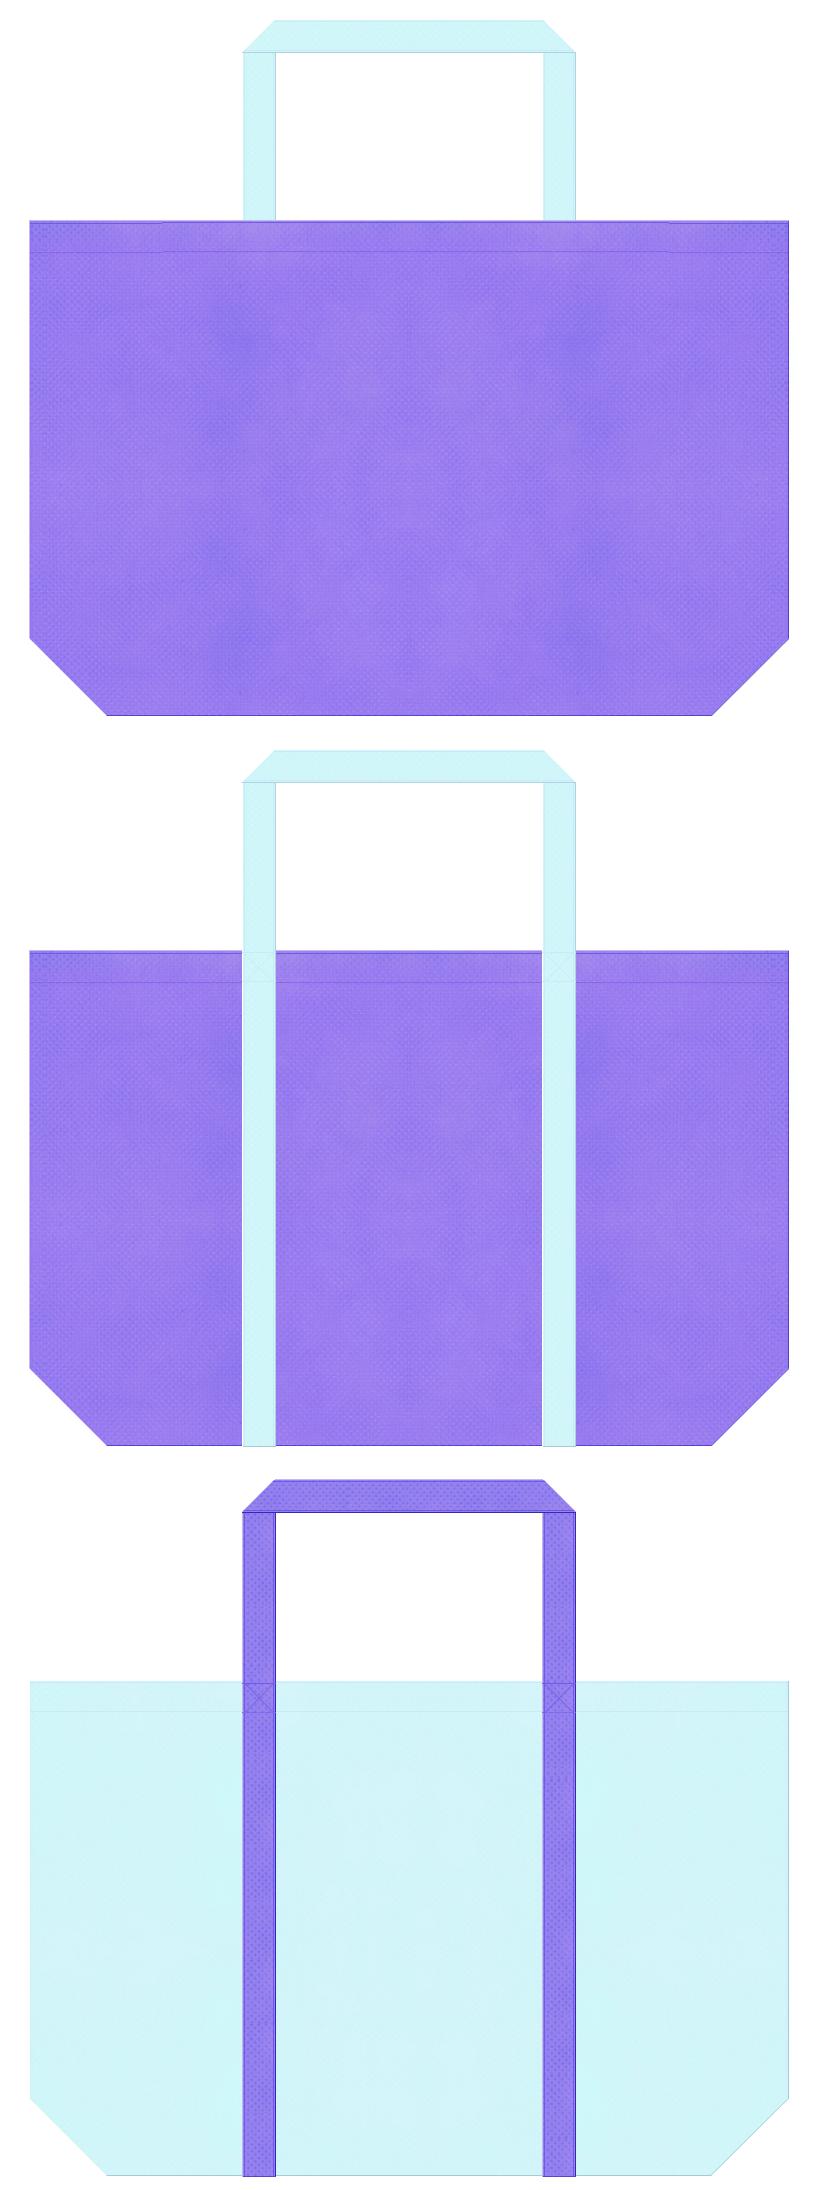 薄紫色と水色の不織布バッグデザイン。ガラス工芸・グラス、タンブラーのショッピングバッグにお奨めです。